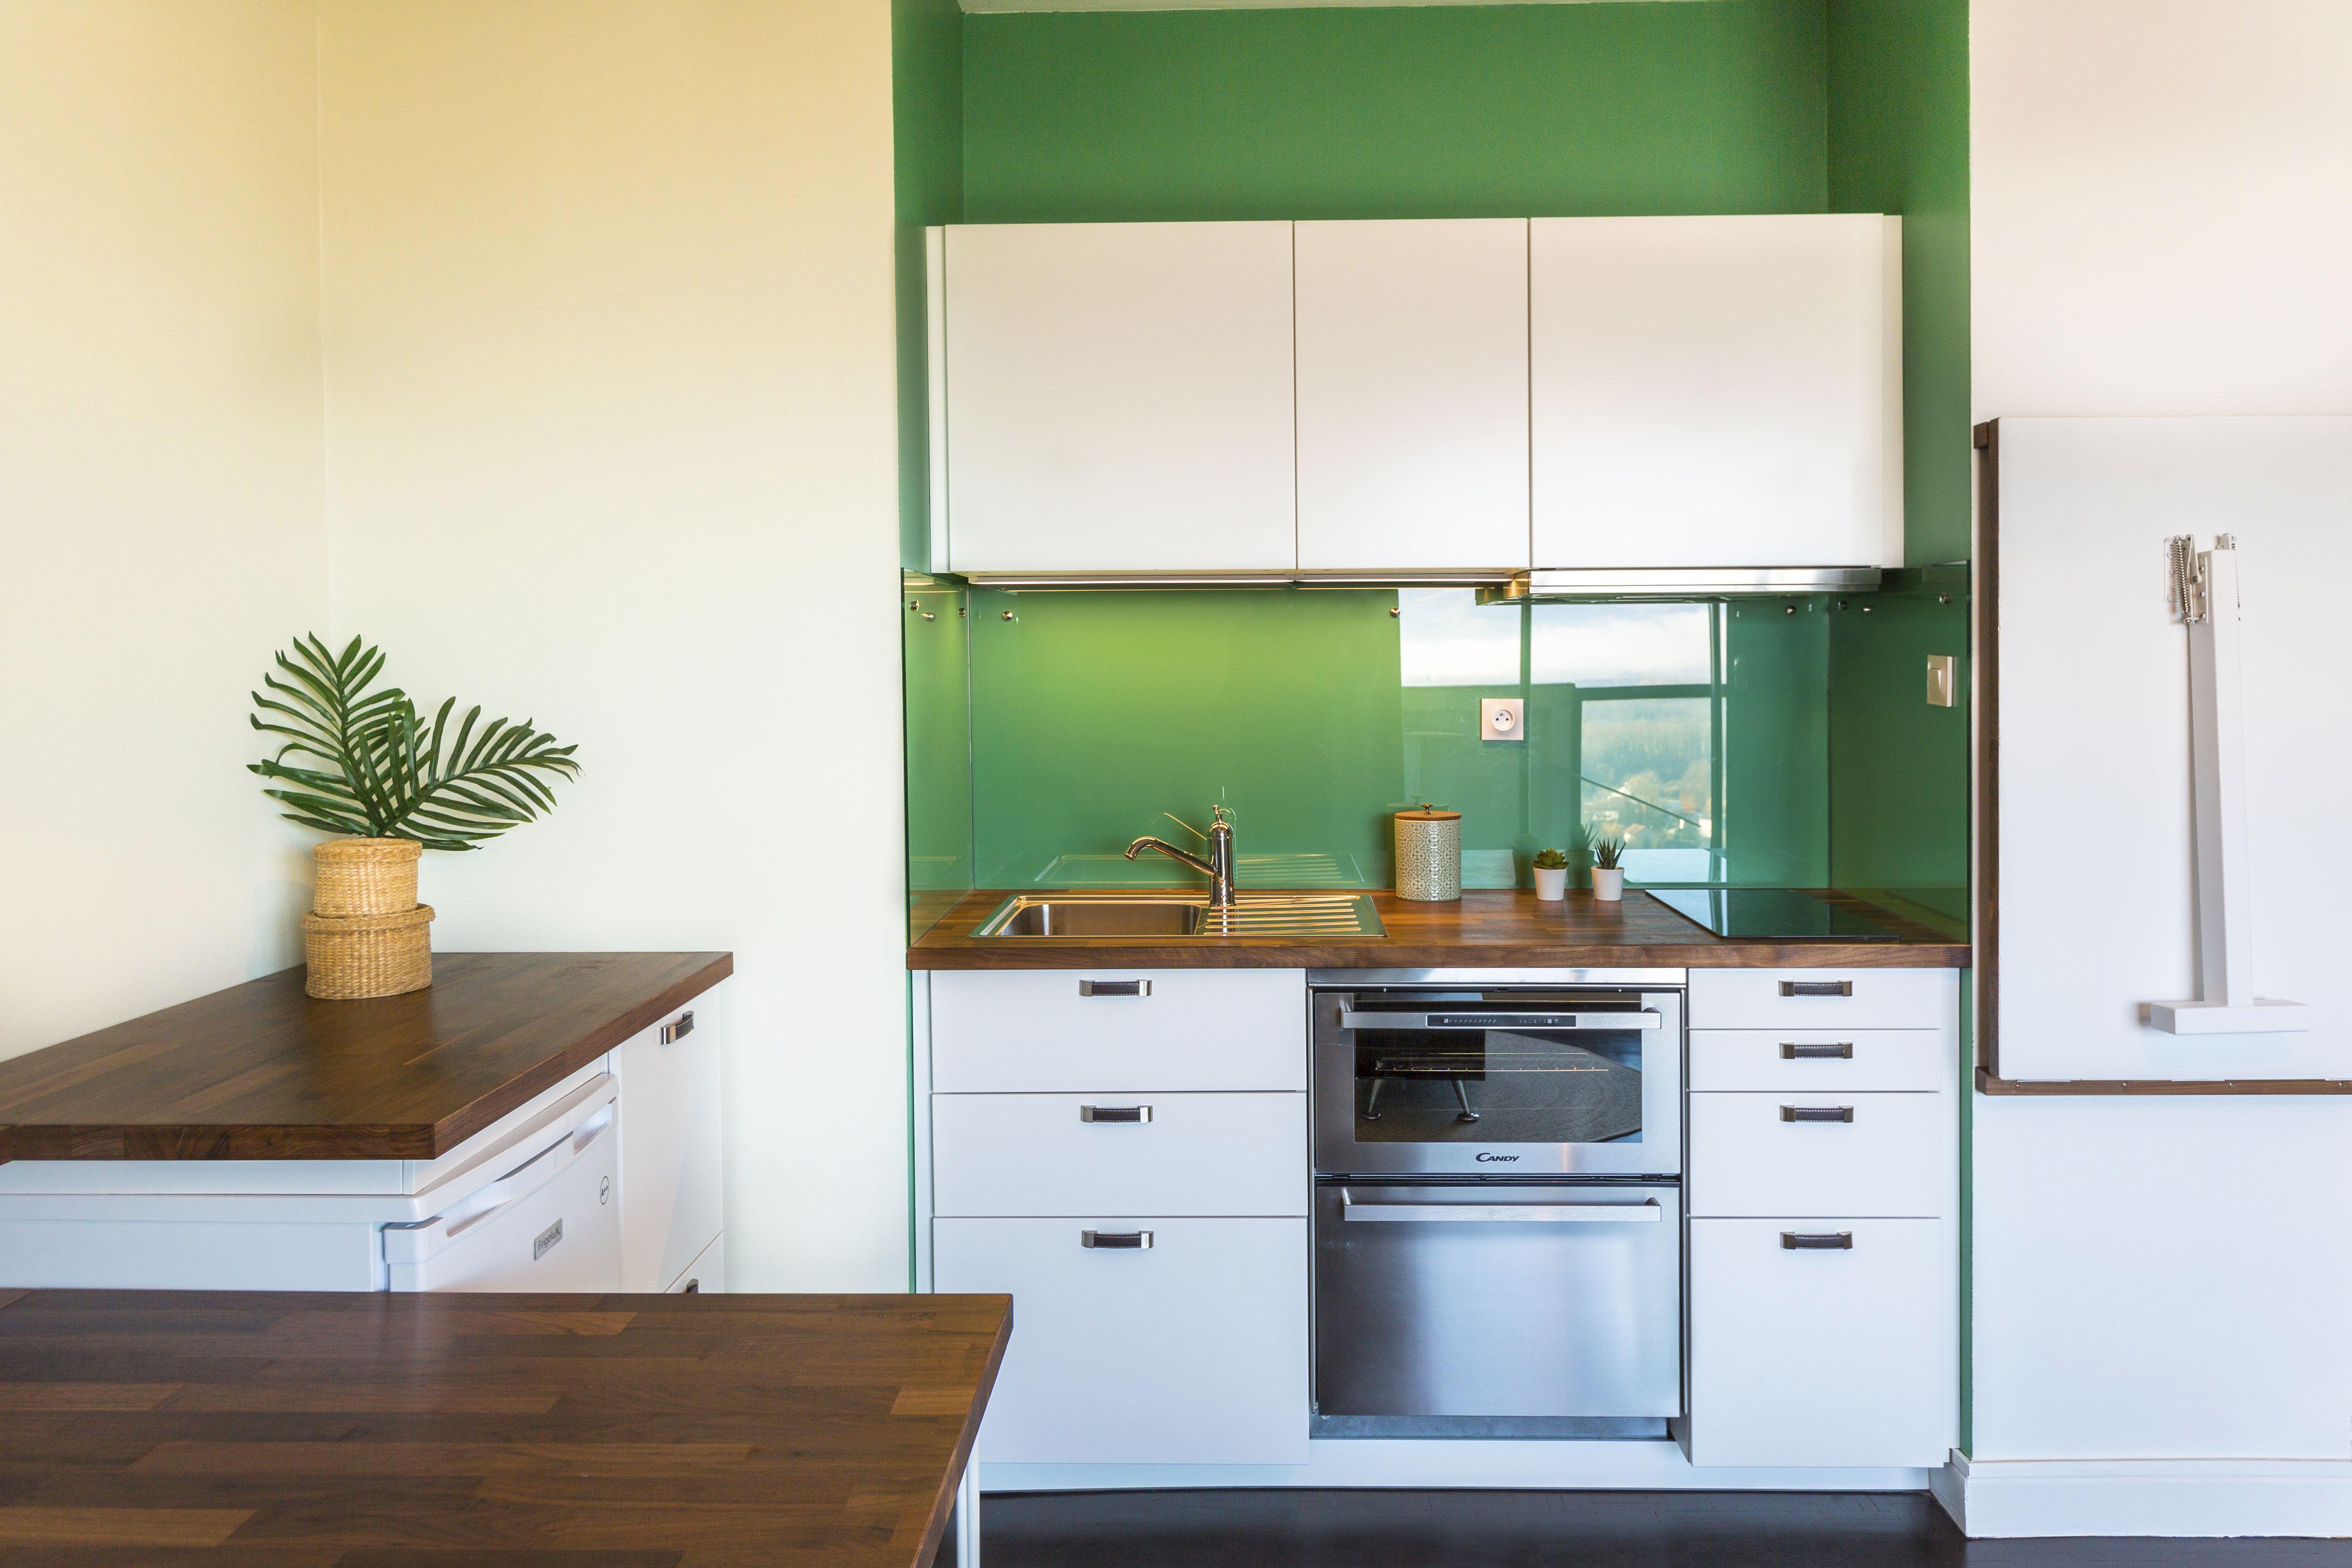 cuisine d un studio gain de place plan de travail noyer mur vert credence verre combine fou combine four lave vaisselle amenagement cuisine four lave vaisselle